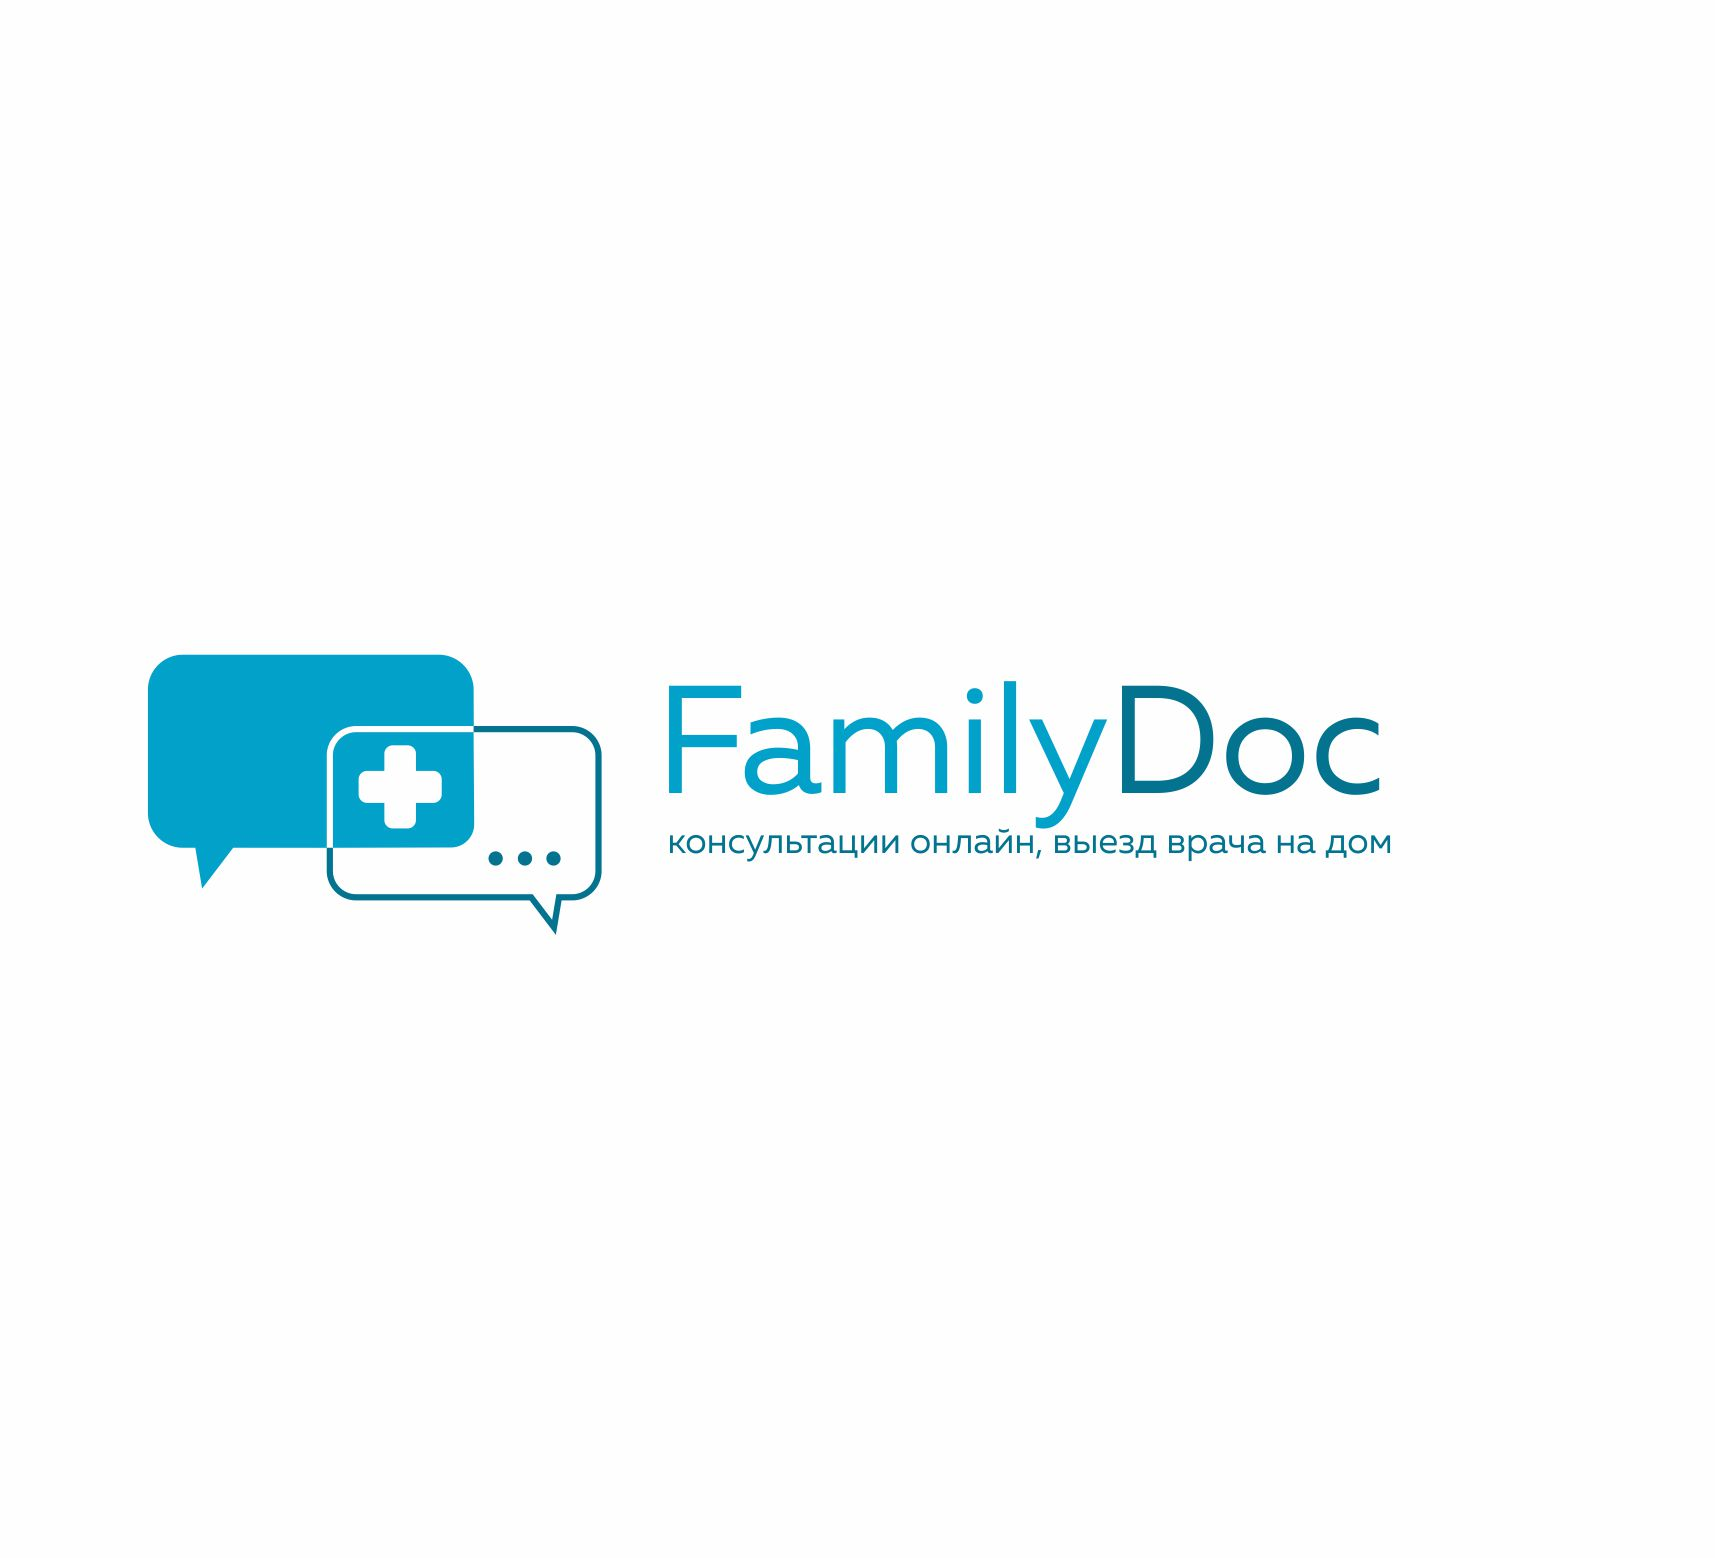 Разработка логотипа для врачебного онлайн сервиса FamilyDoc фото f_2135c348a618024a.jpg